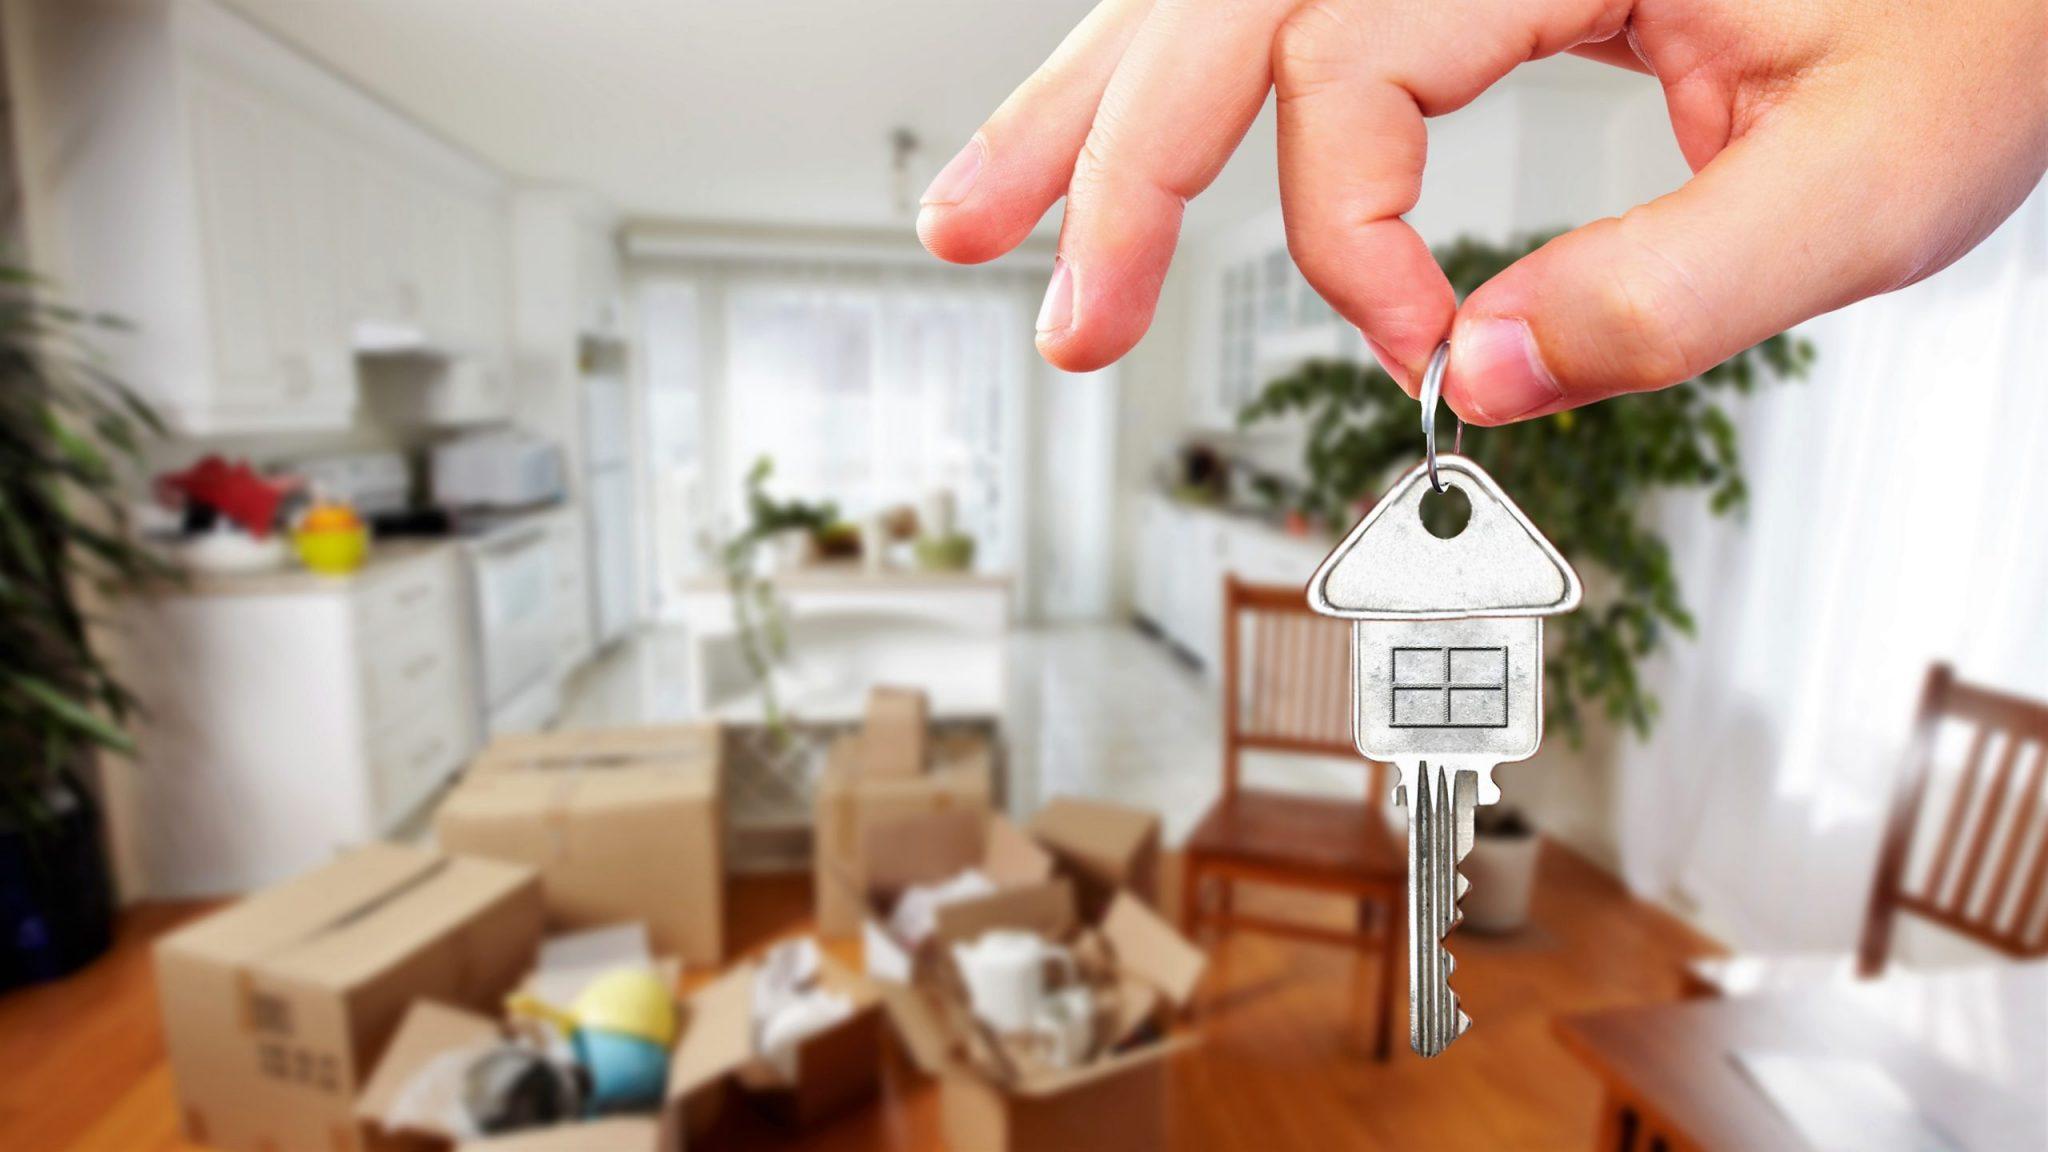 Как налоговая может узнать, что квартира сдаётся нелегально